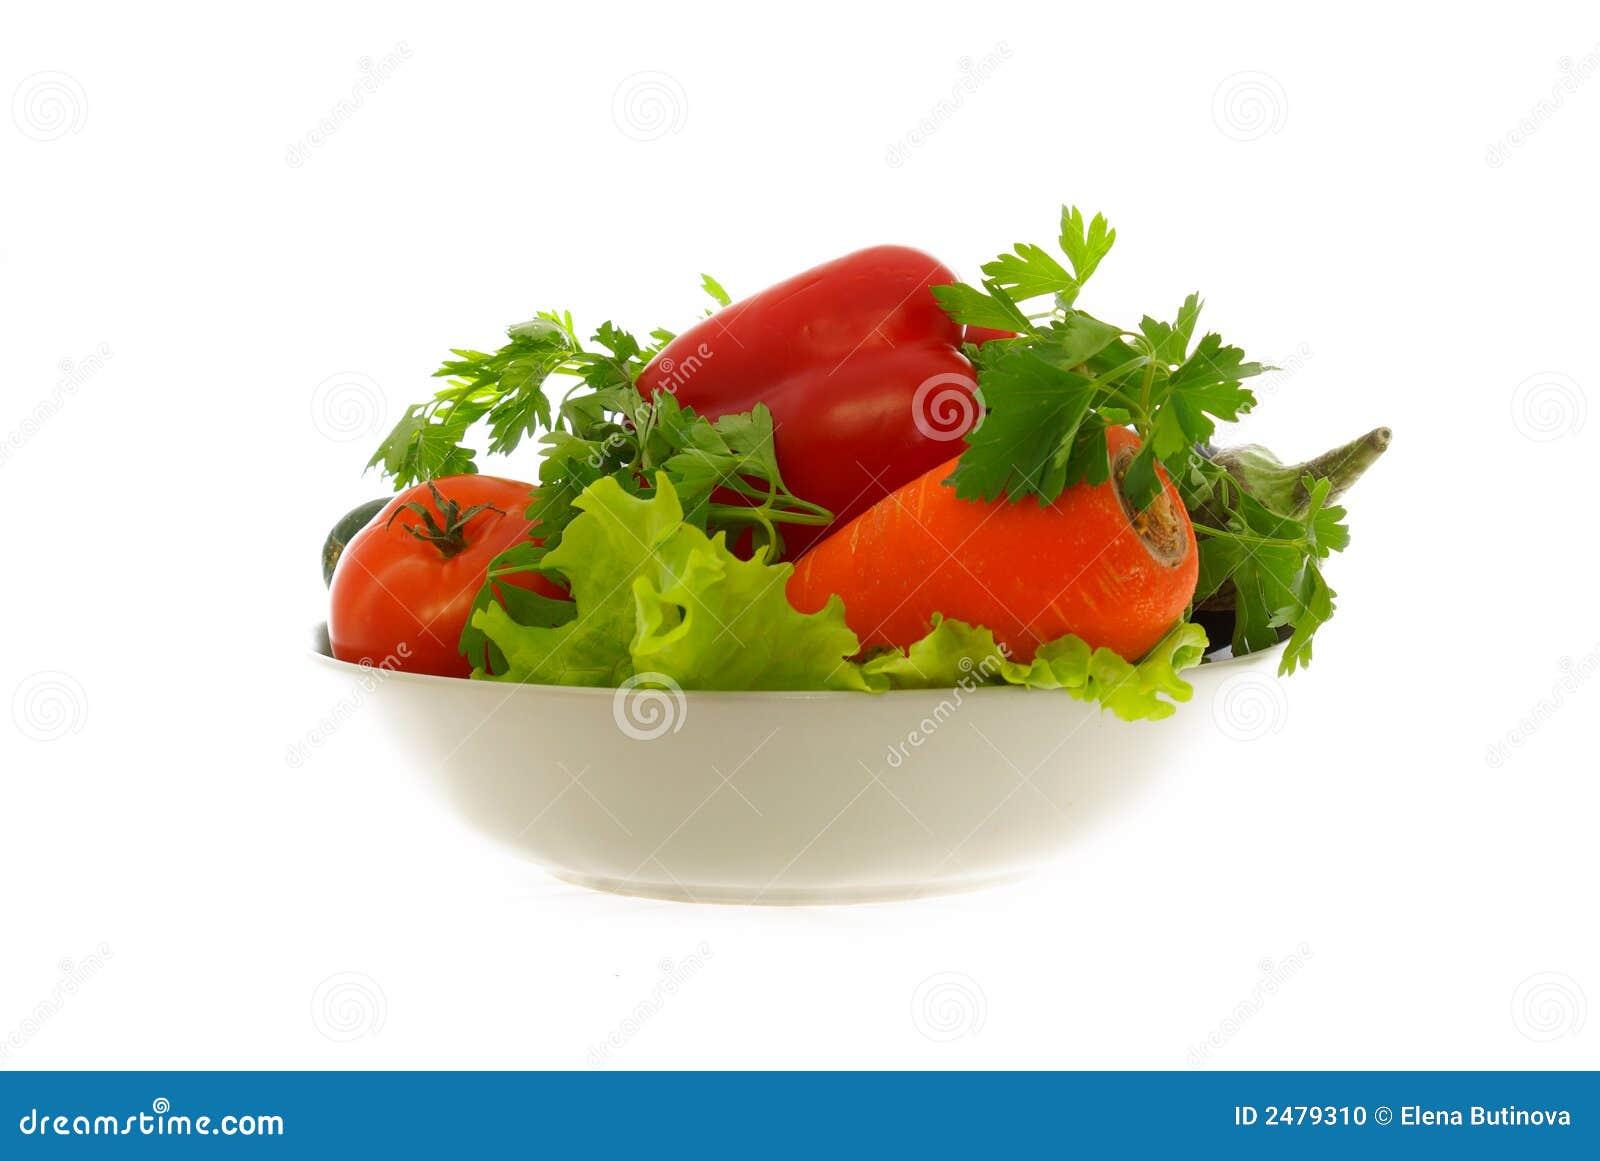 Podać warzywa